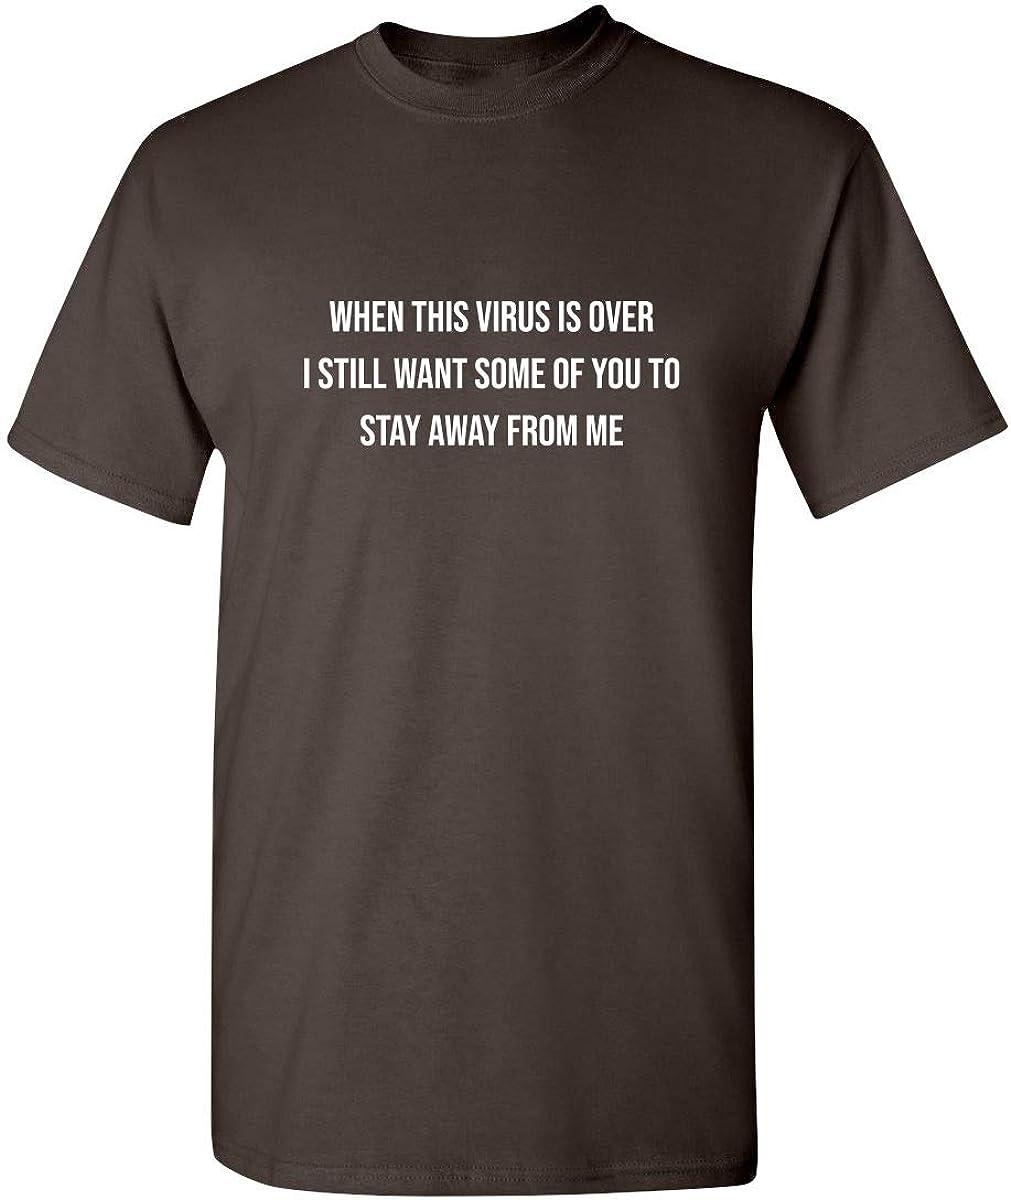 Funny Novelty T-Shirt Mens tee TShirt All The Gear No Idea